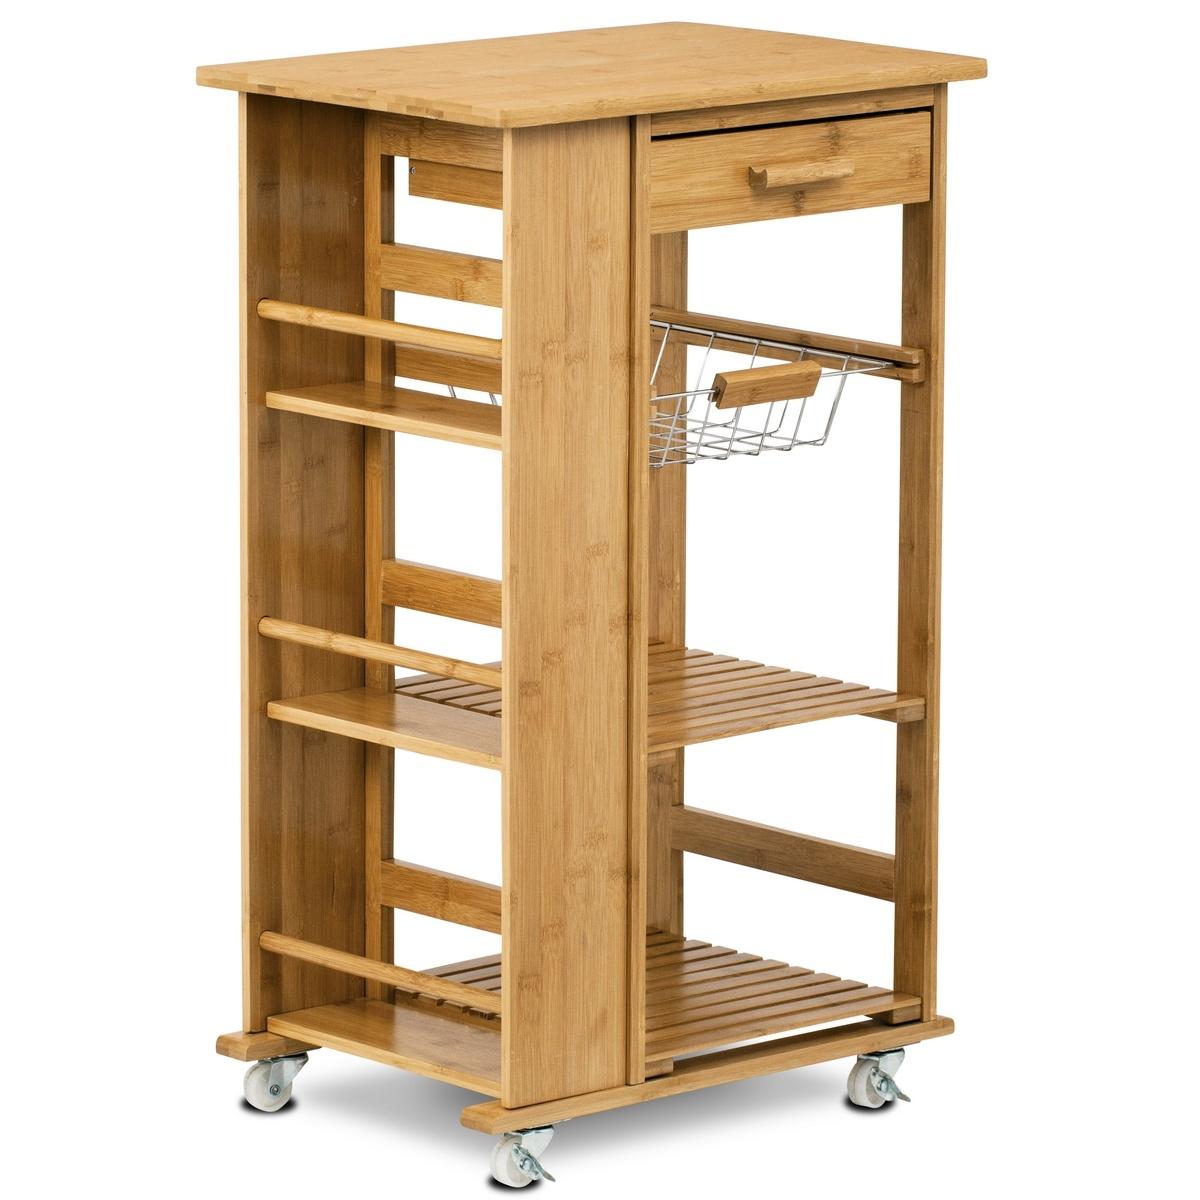 Bambusový servírovací stolík/policový regál na kolieskach, 50 x 37 x 83 cm